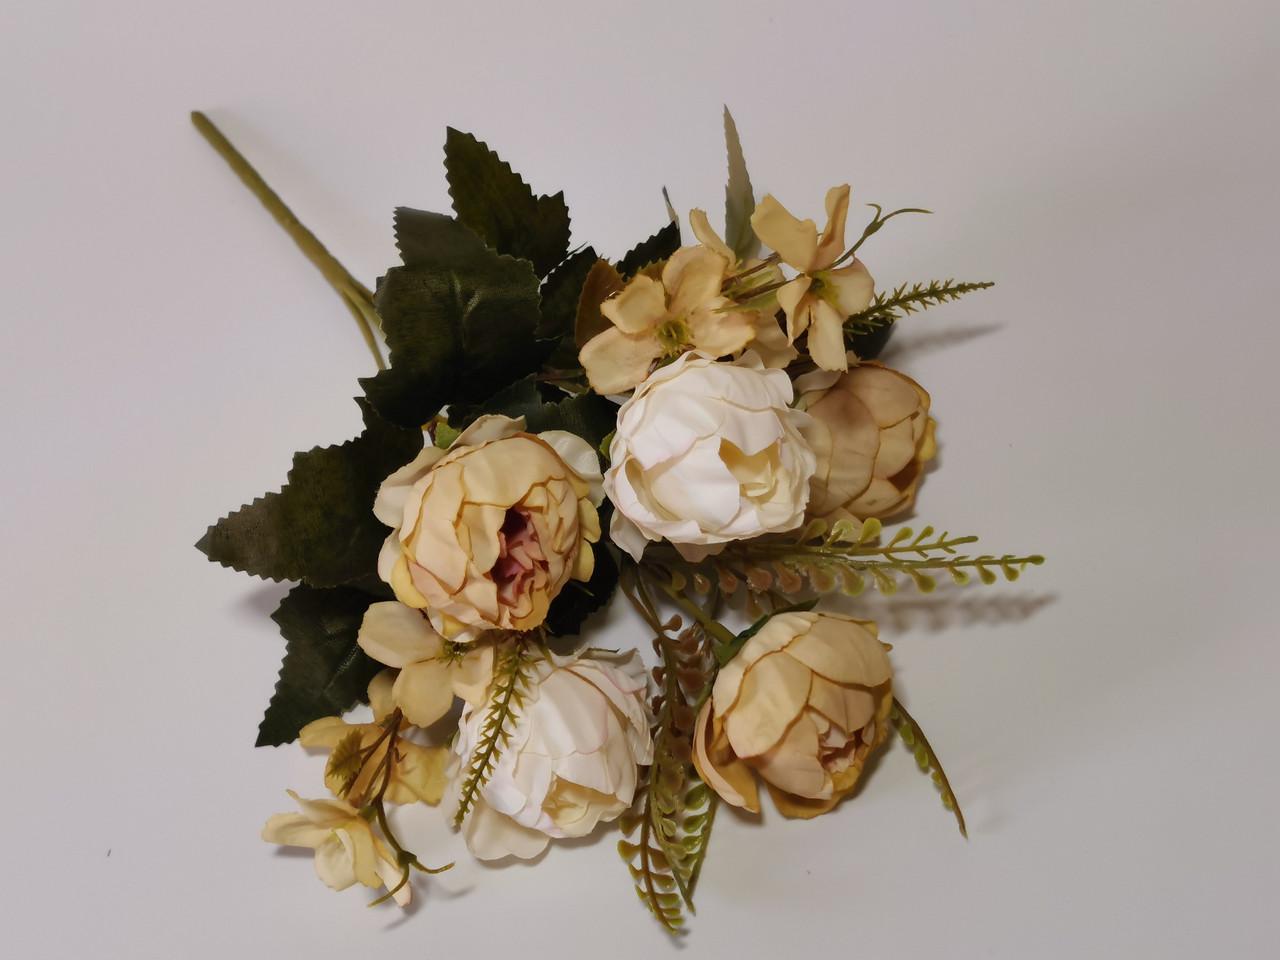 Искусственные цветы. Букет пиончиков, капучино.